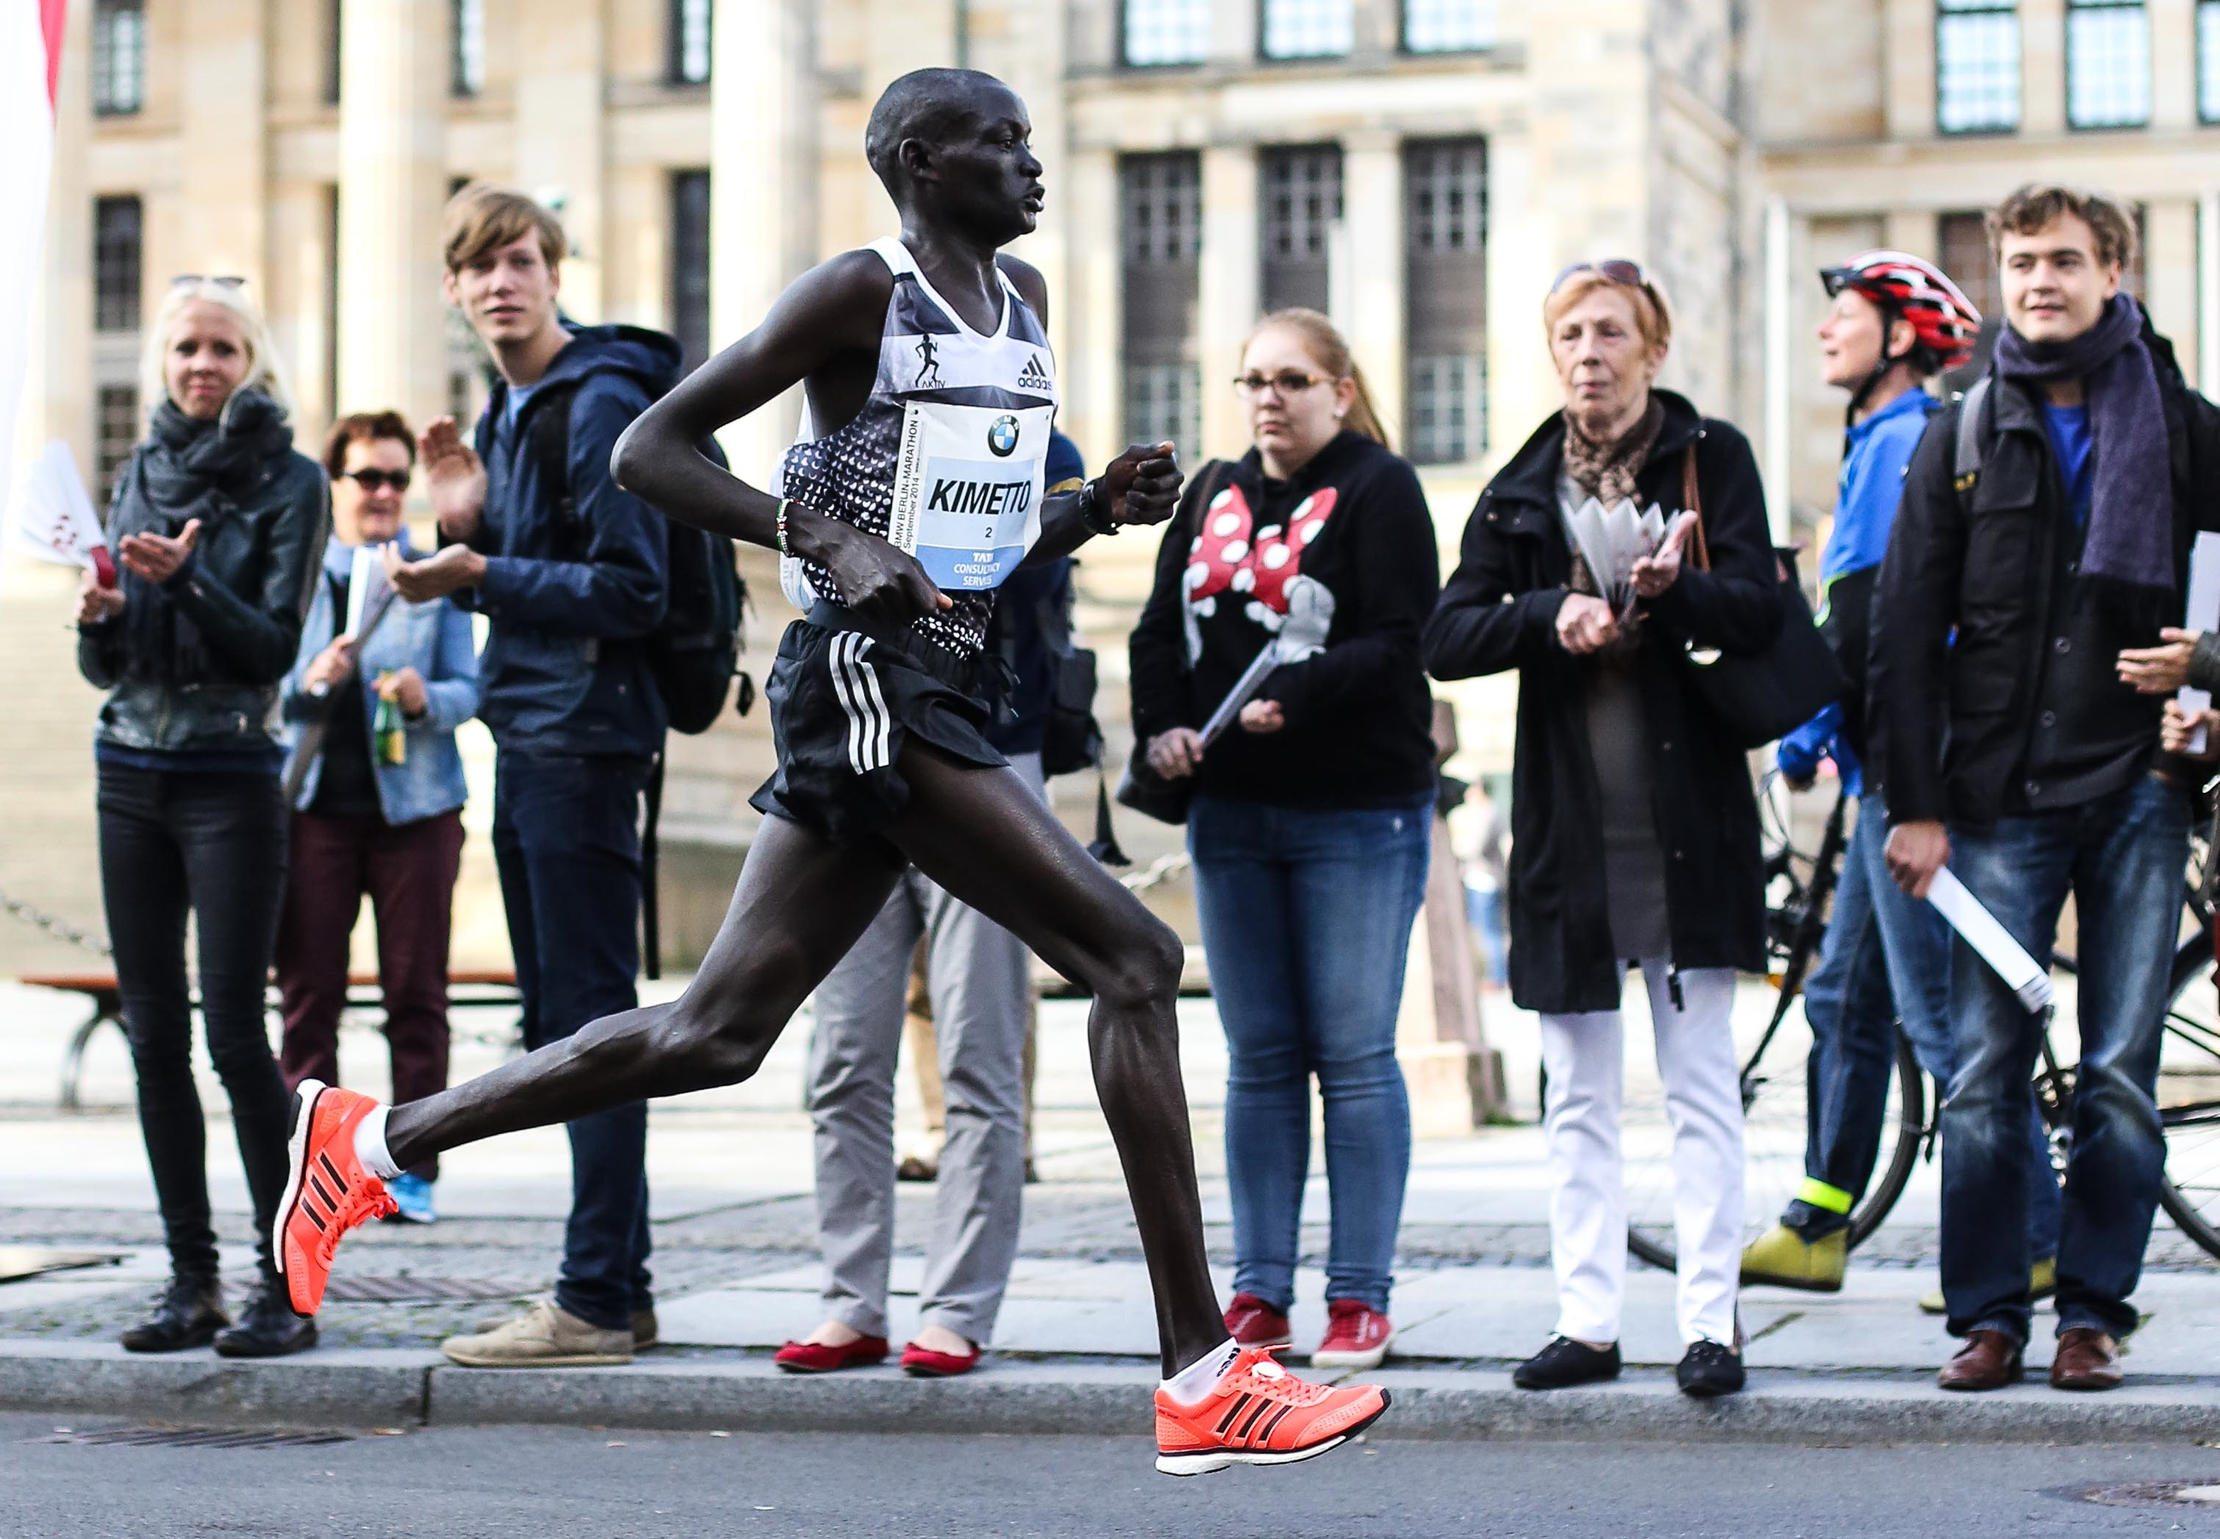 Maraton ispod 2 sata: Može li ljudsko telo da pređe 42.195m brzinom od 21.1 km/h?